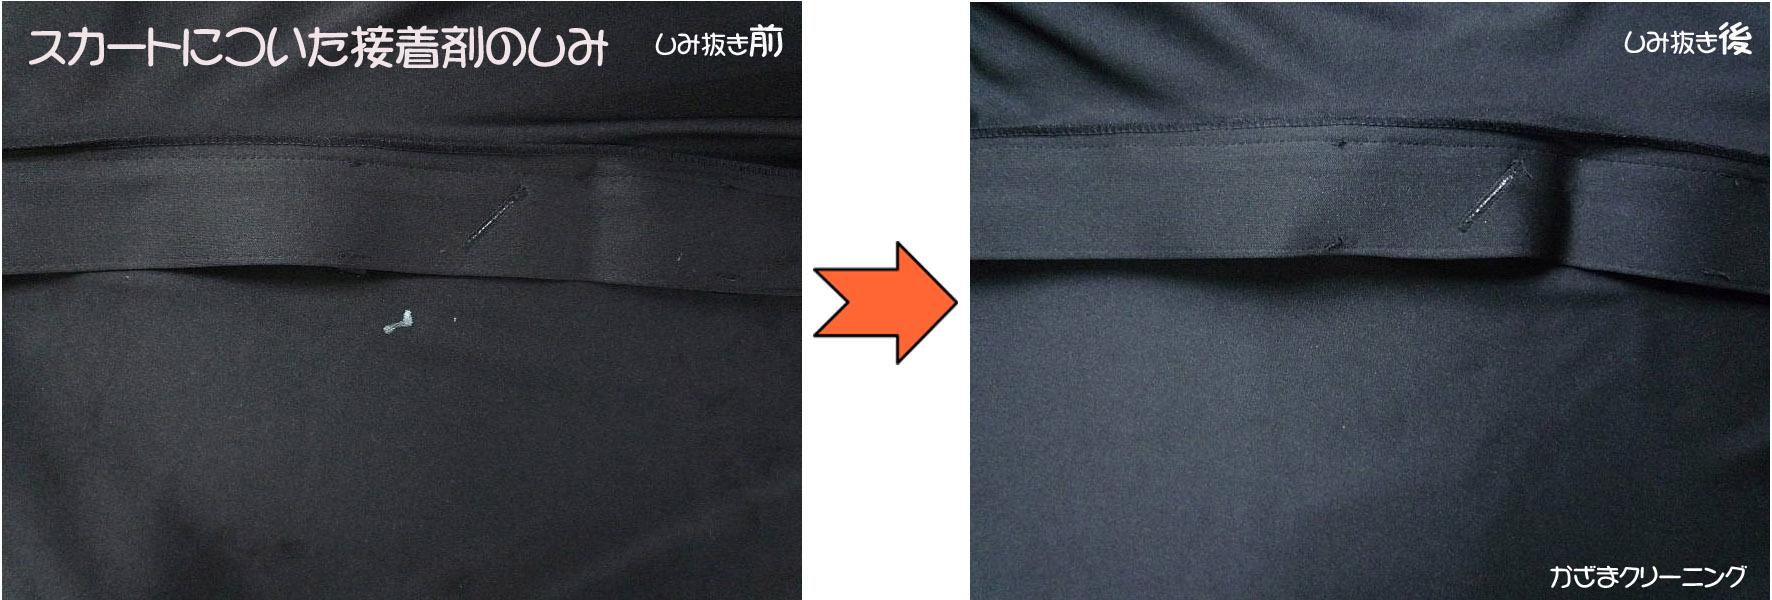 スカートについた瞬間接着剤の染み抜き